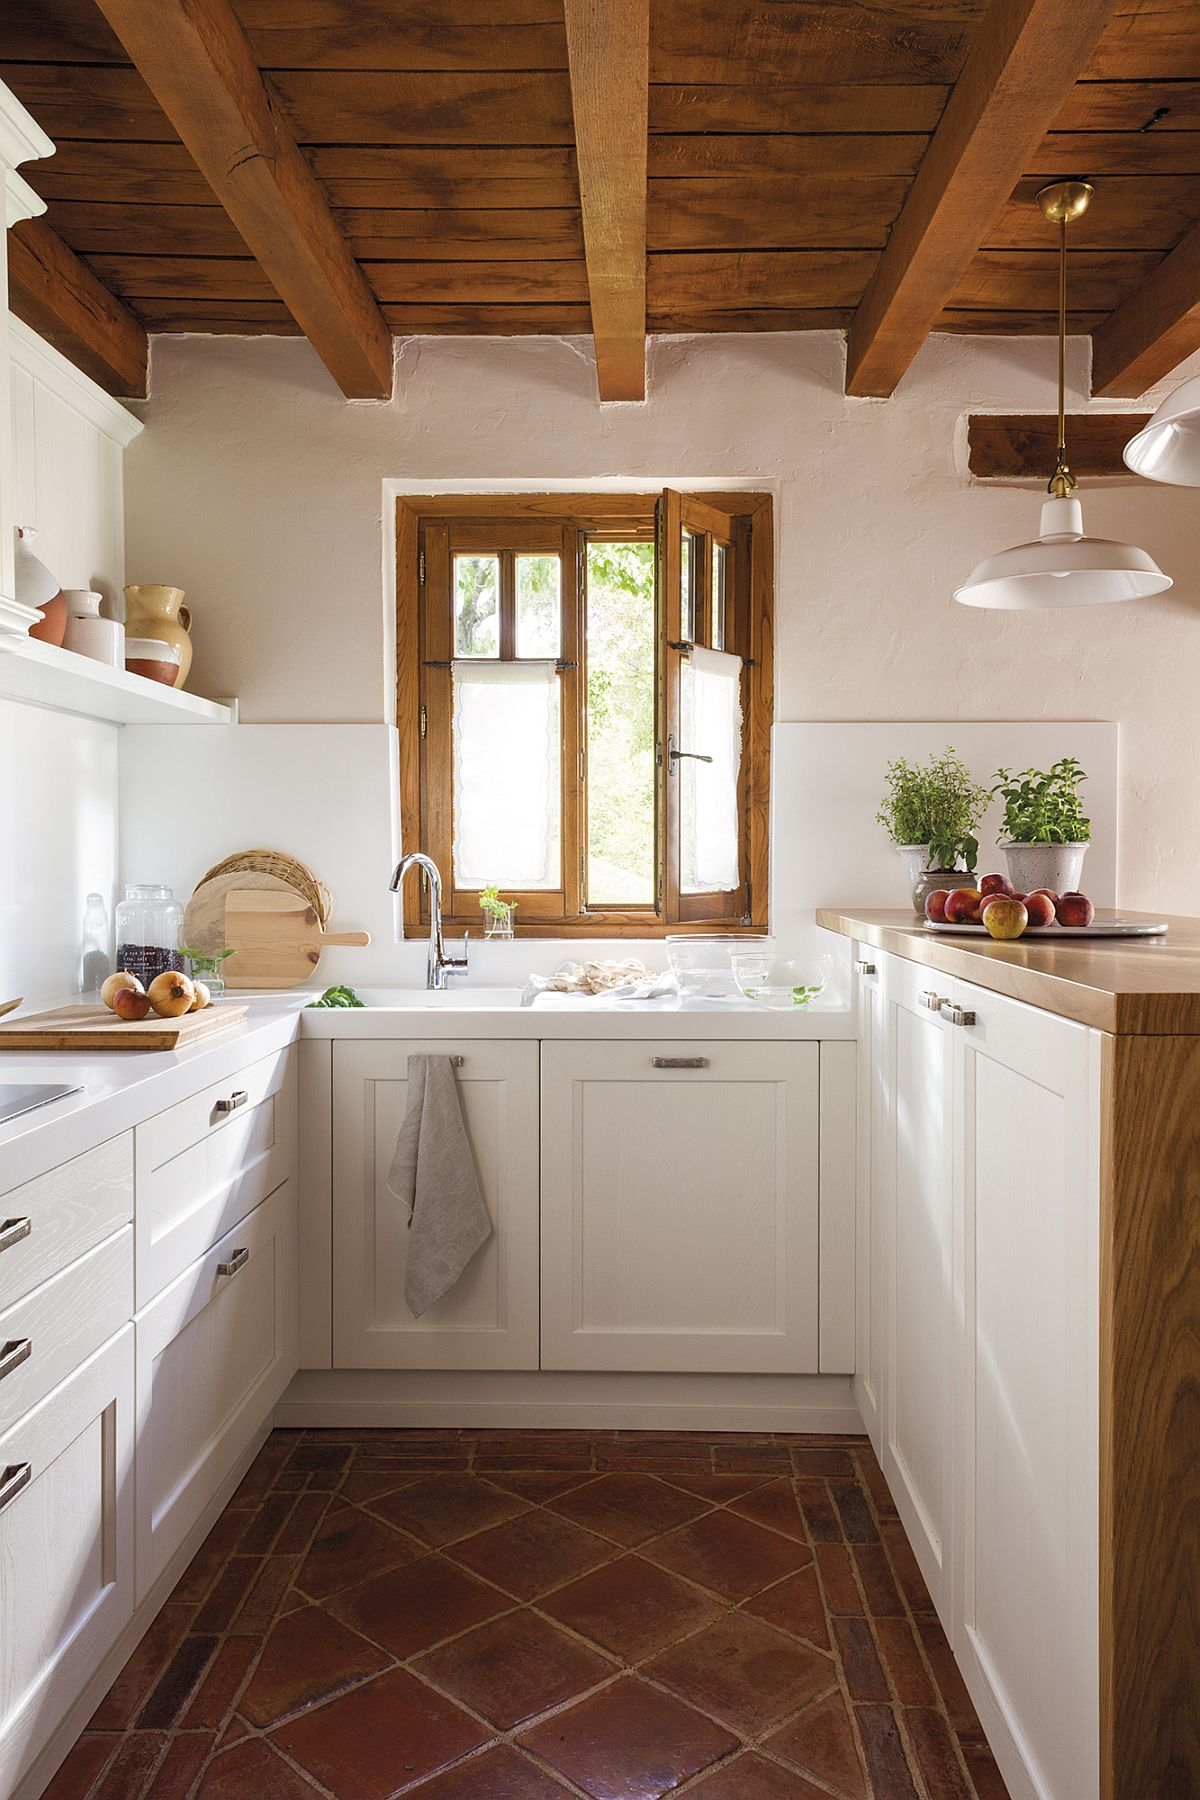 adelaparvu.com despre casa rustica Spania, design Mujika Interiorismo, Foto ElMueble, Adolfo Fernandez (1)